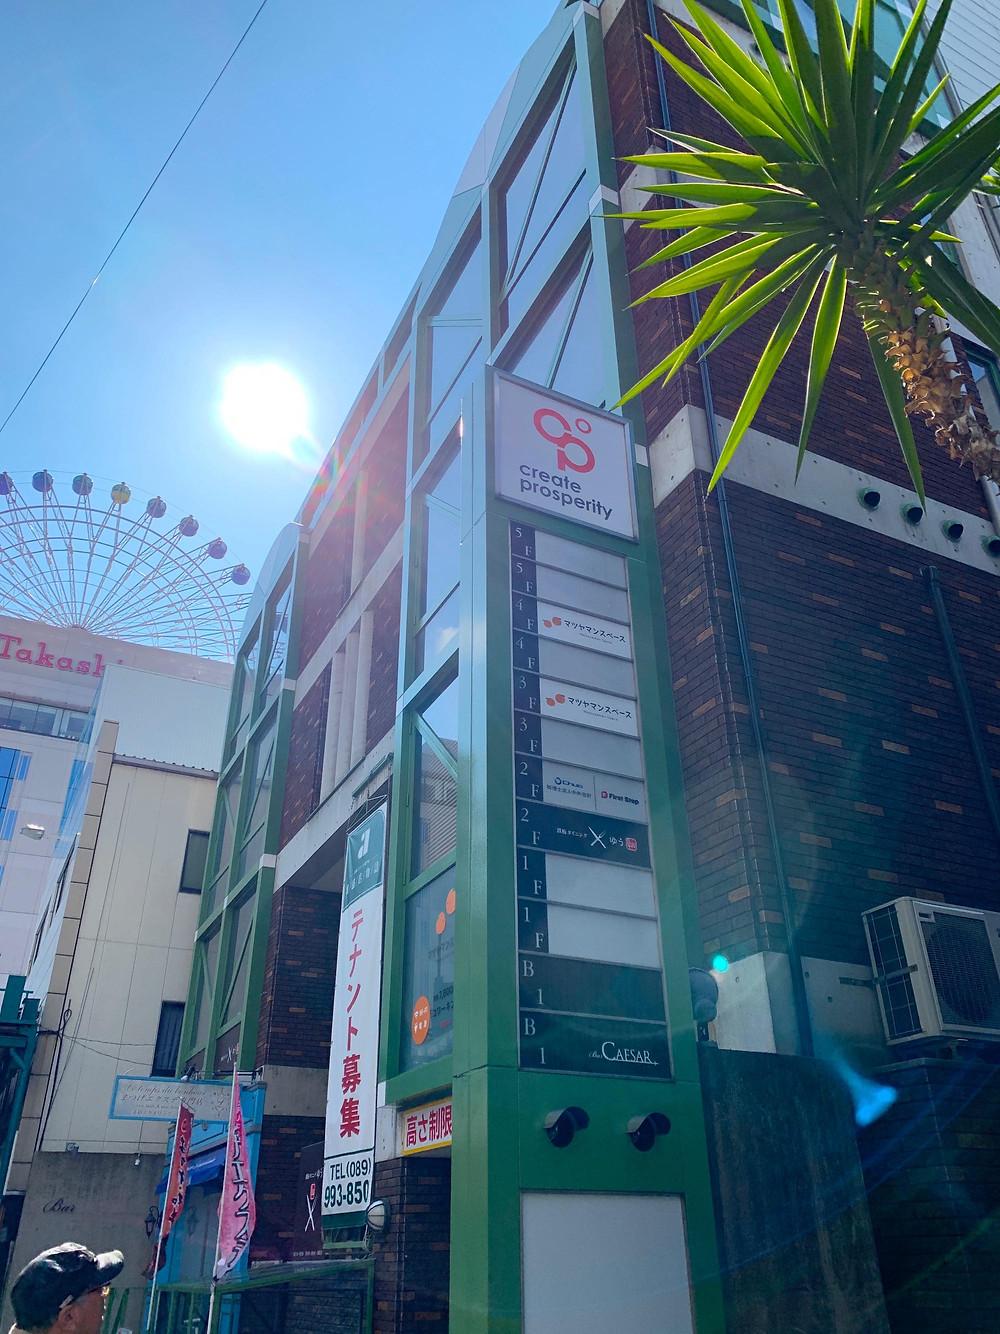 愛媛県松山市駅前で便利なコワーキング「マツヤマンスペース」。階下のBar「CAESER」がおしゃれ!